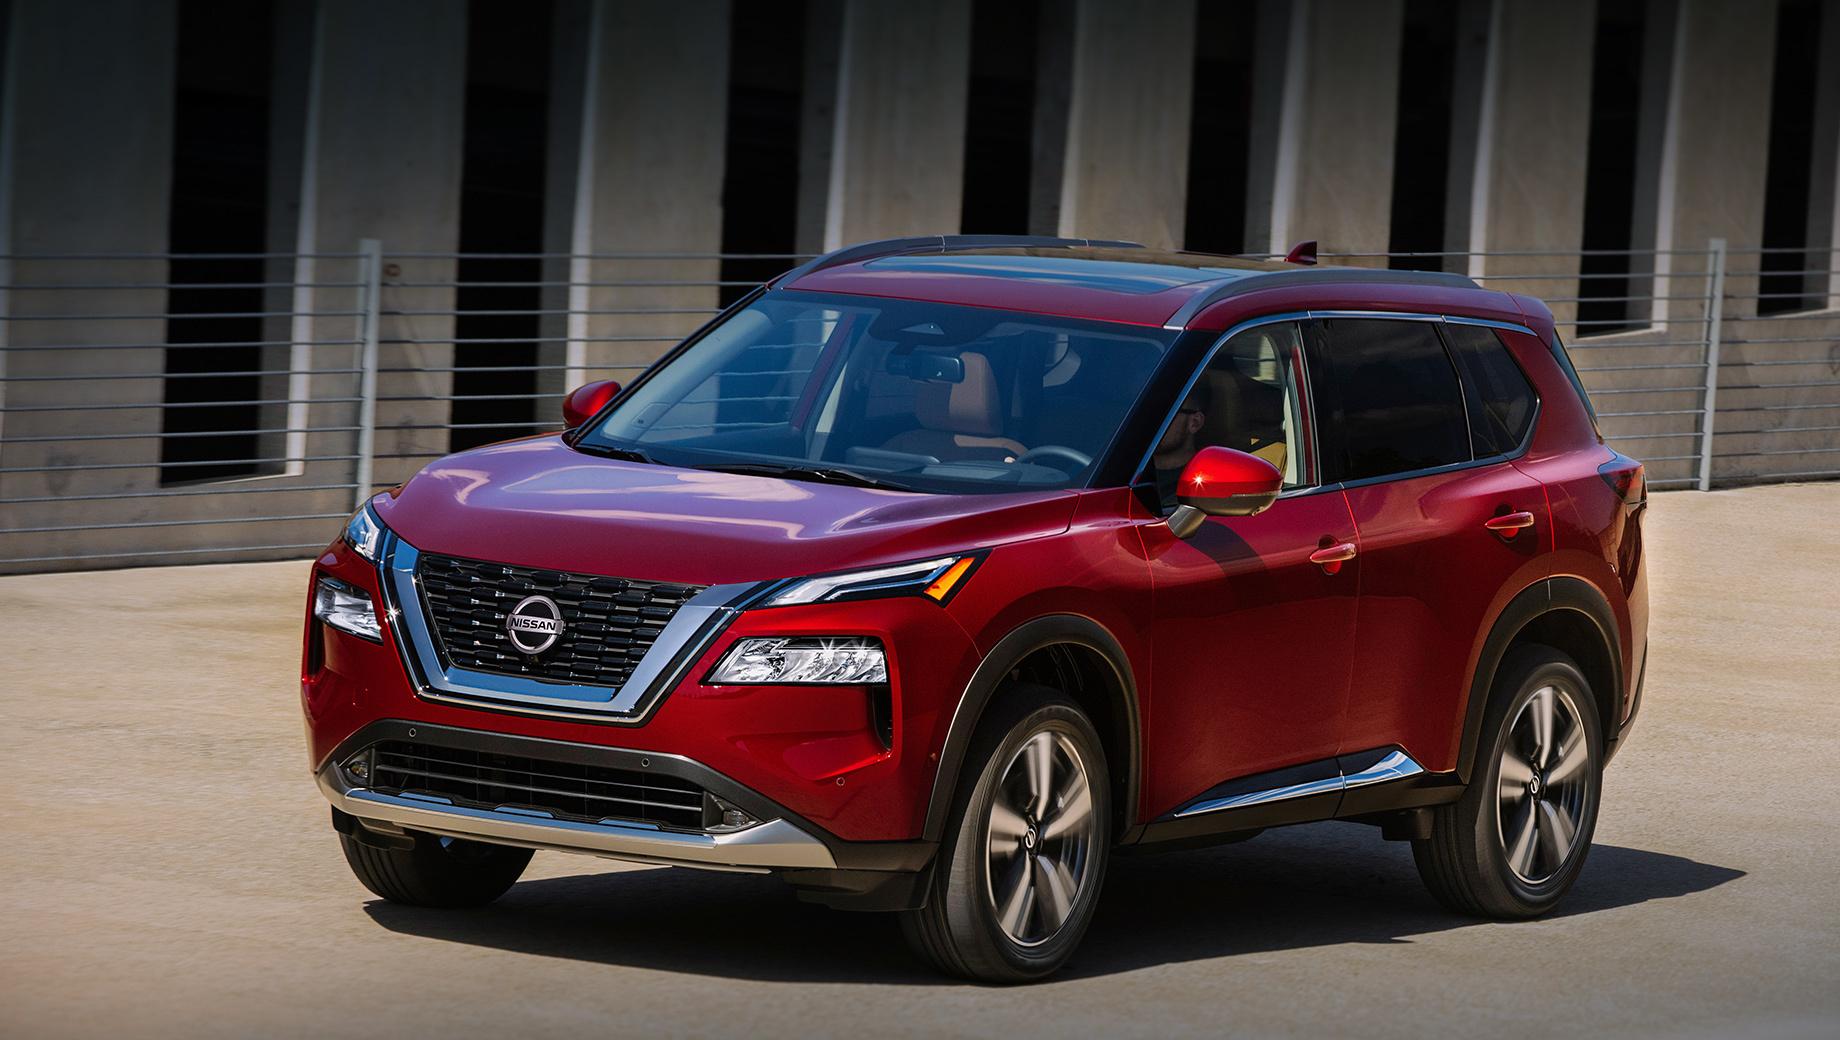 Nissan rogue. Nissan Rogue новой генерации обзавёлся автоматическими жалюзи за решёткой радиатора для улучшения аэродинамики, многофункциональными светодиодными фарами и двухцветными вариантами окраски кузова. Продажи в США стартуют осенью 2020 года.